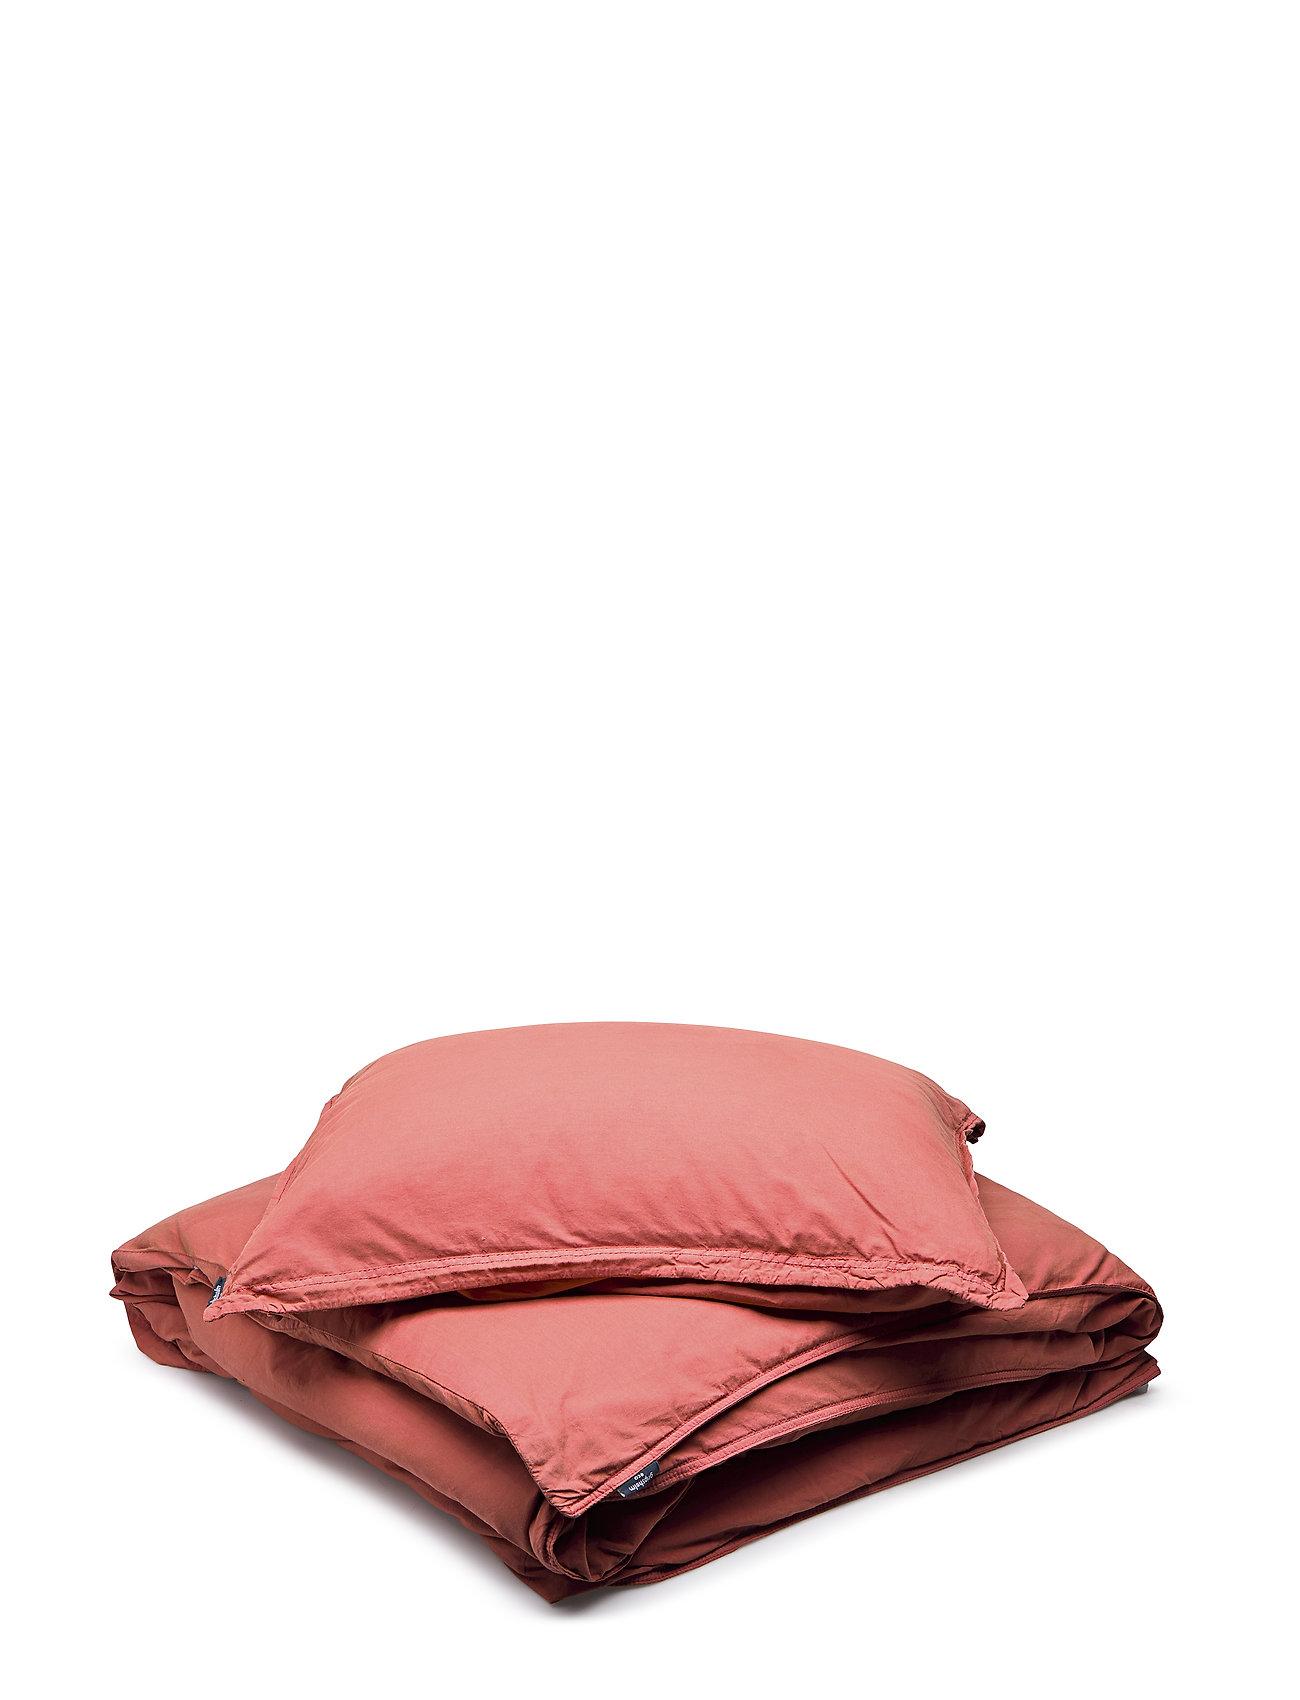 Gripsholm BED SET VINTAGE GOTS - BRICK RED